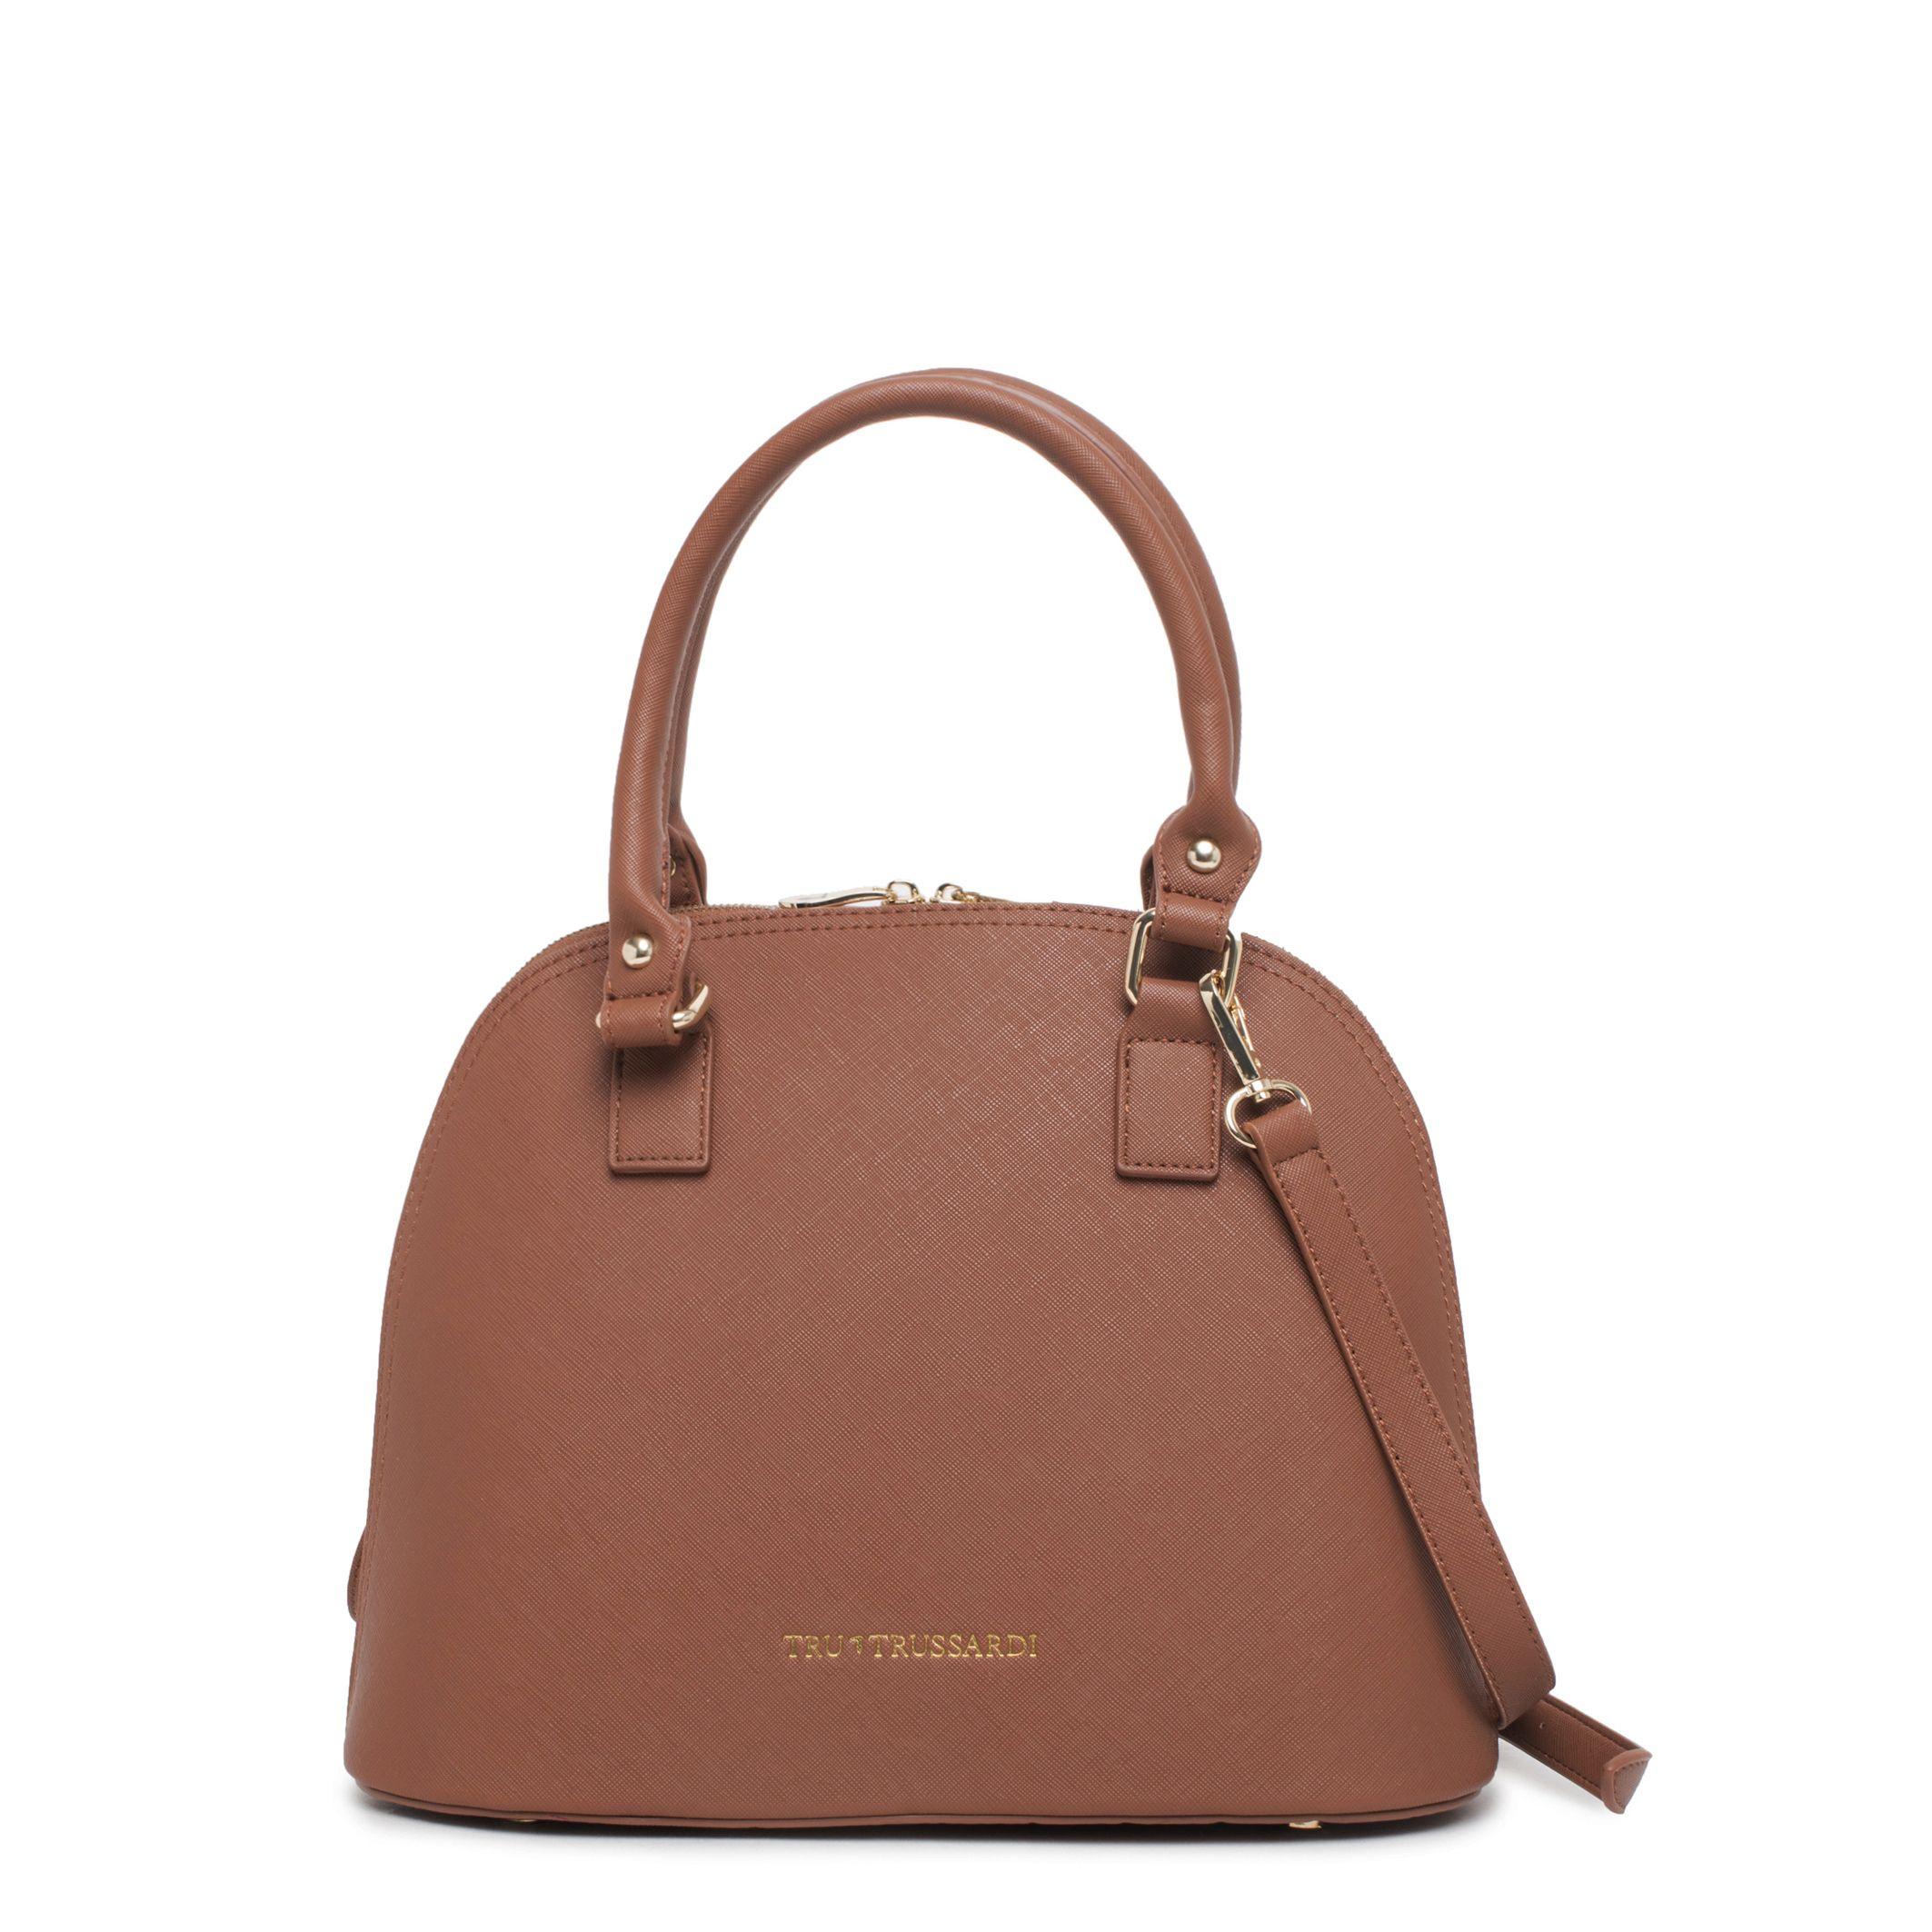 Handtaschen Trussardi – 76BTS05 – Braun